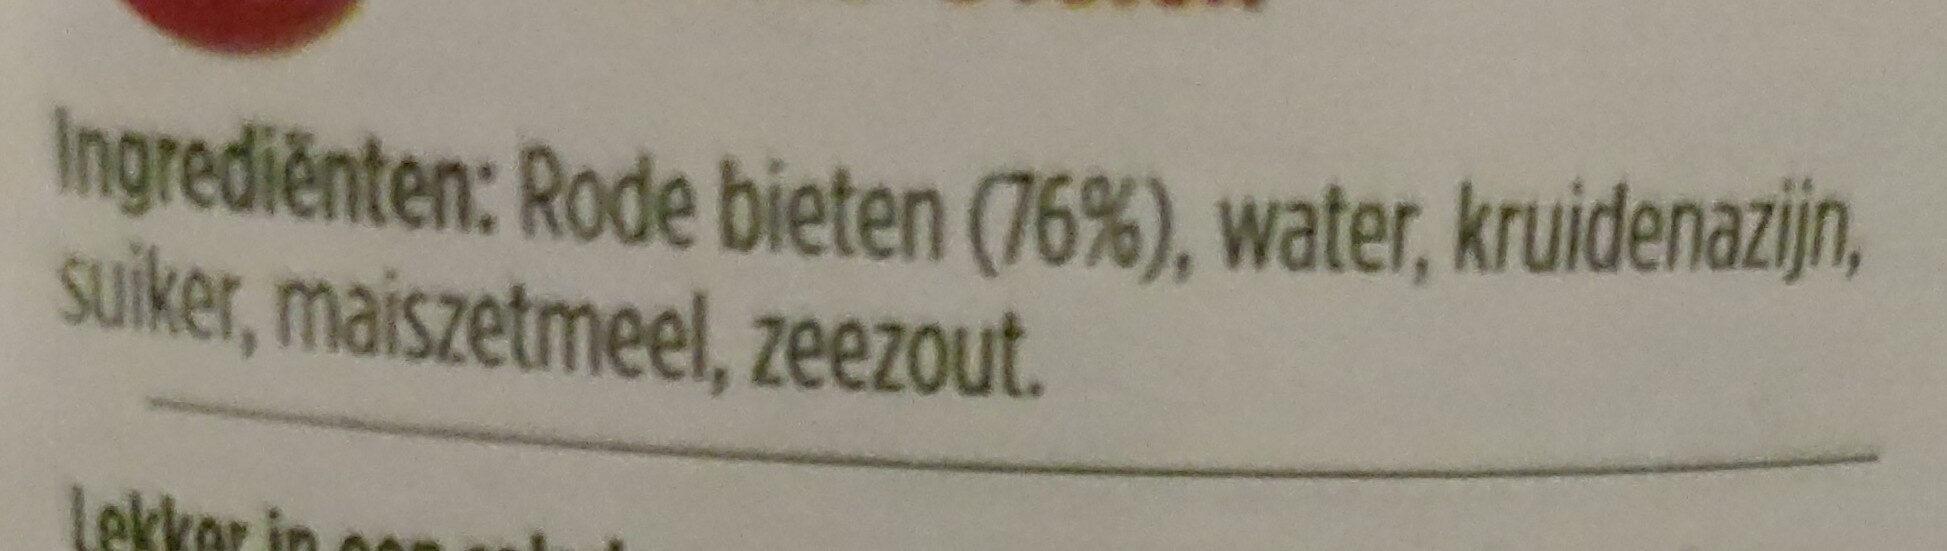 Rode Bieten - Ingredients - nl